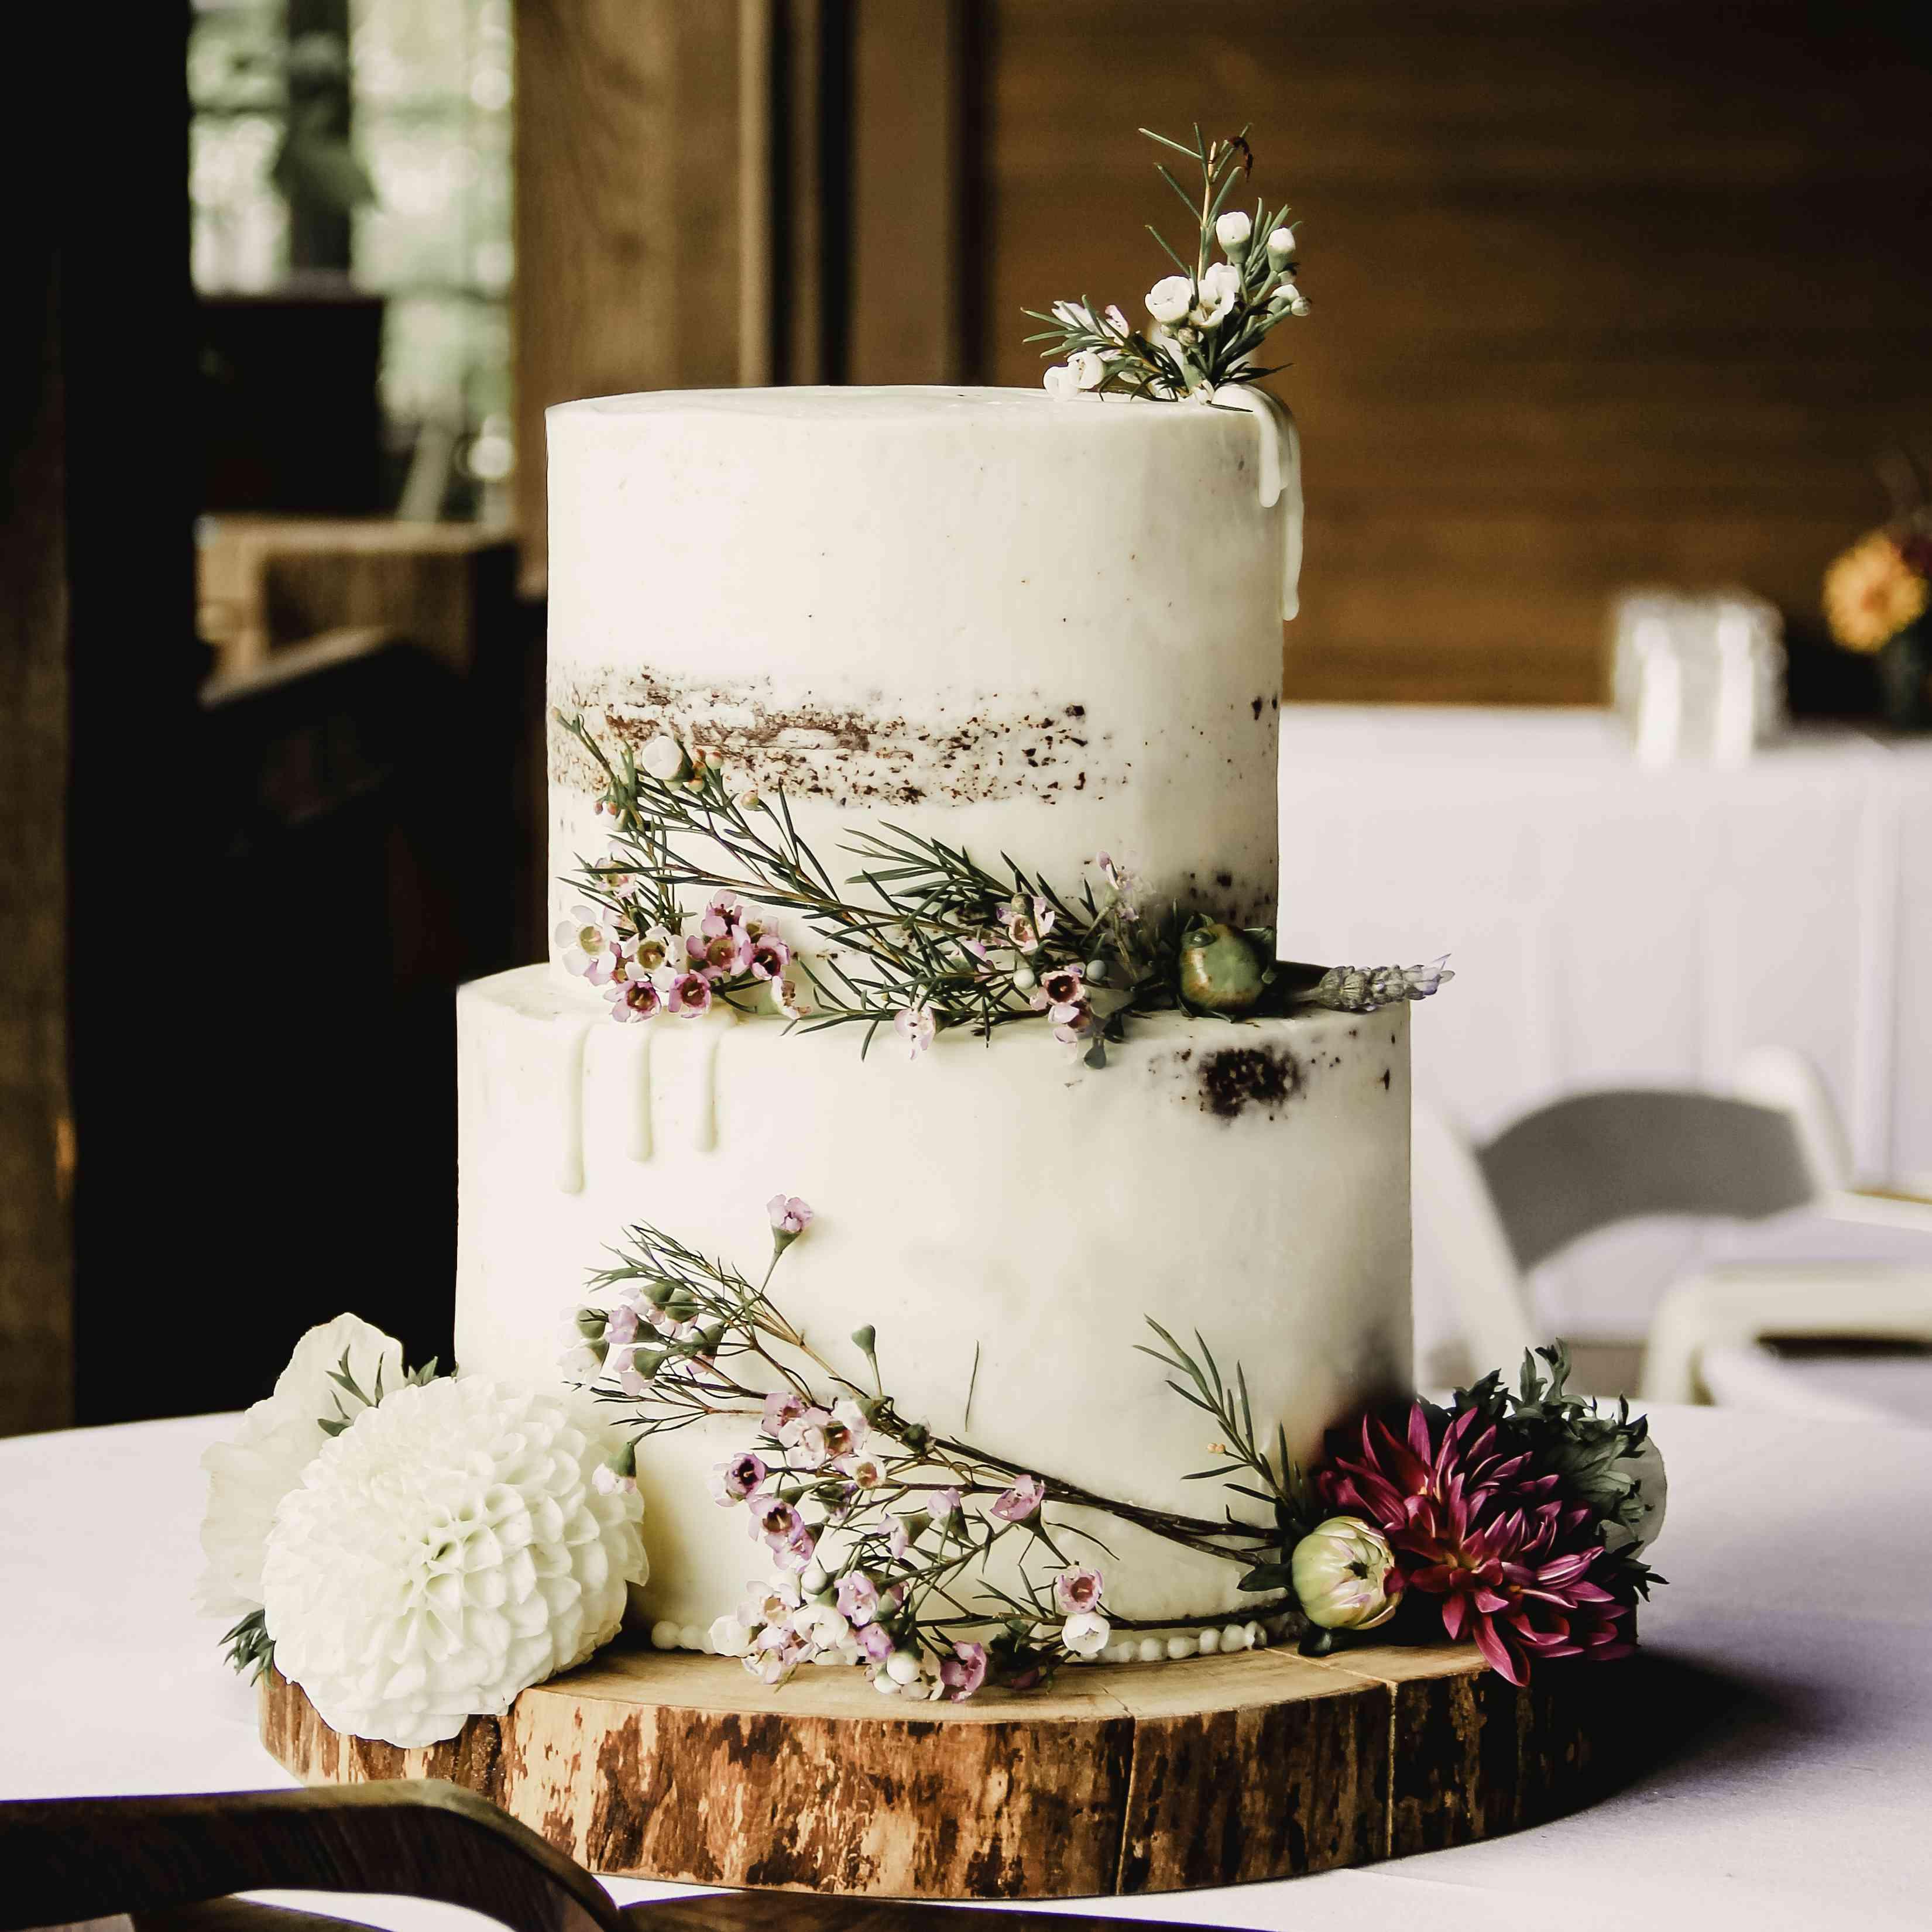 romantic rustic chocolate cake